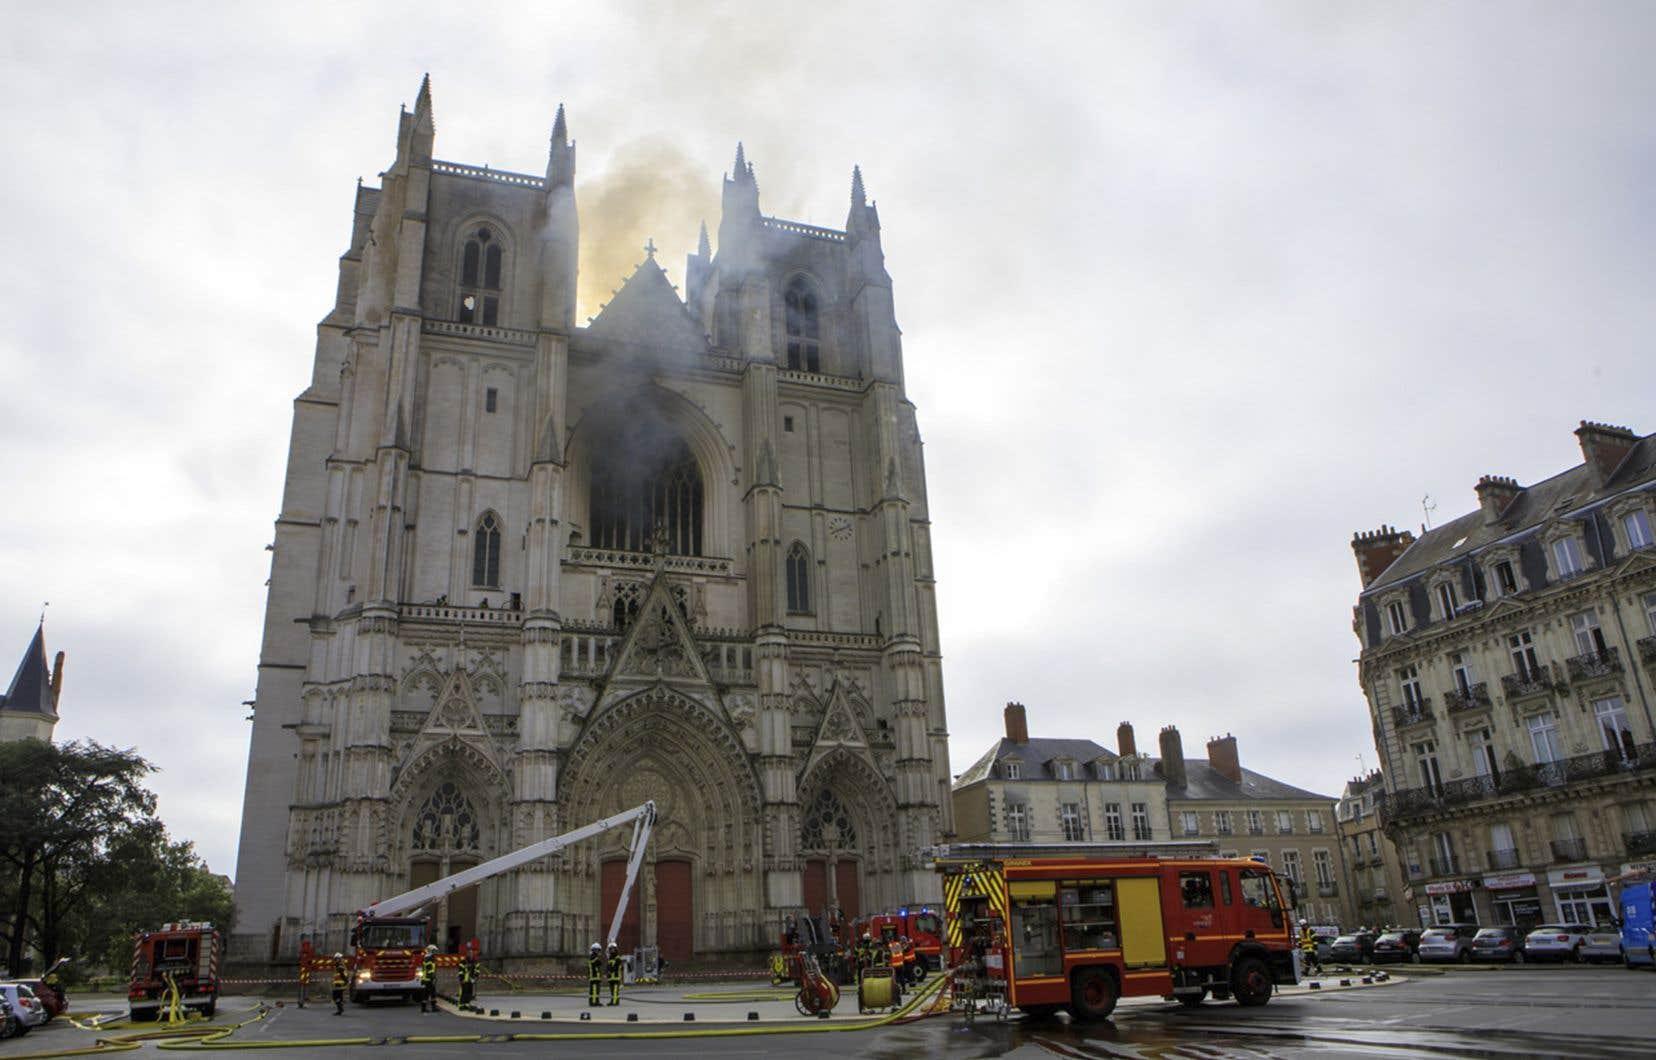 Un feu s'est déclaré samedi,à Nantes,dans la cathédrale Saint-Pierre-et-Saint-Paul, un édifice du XVIe siècle.